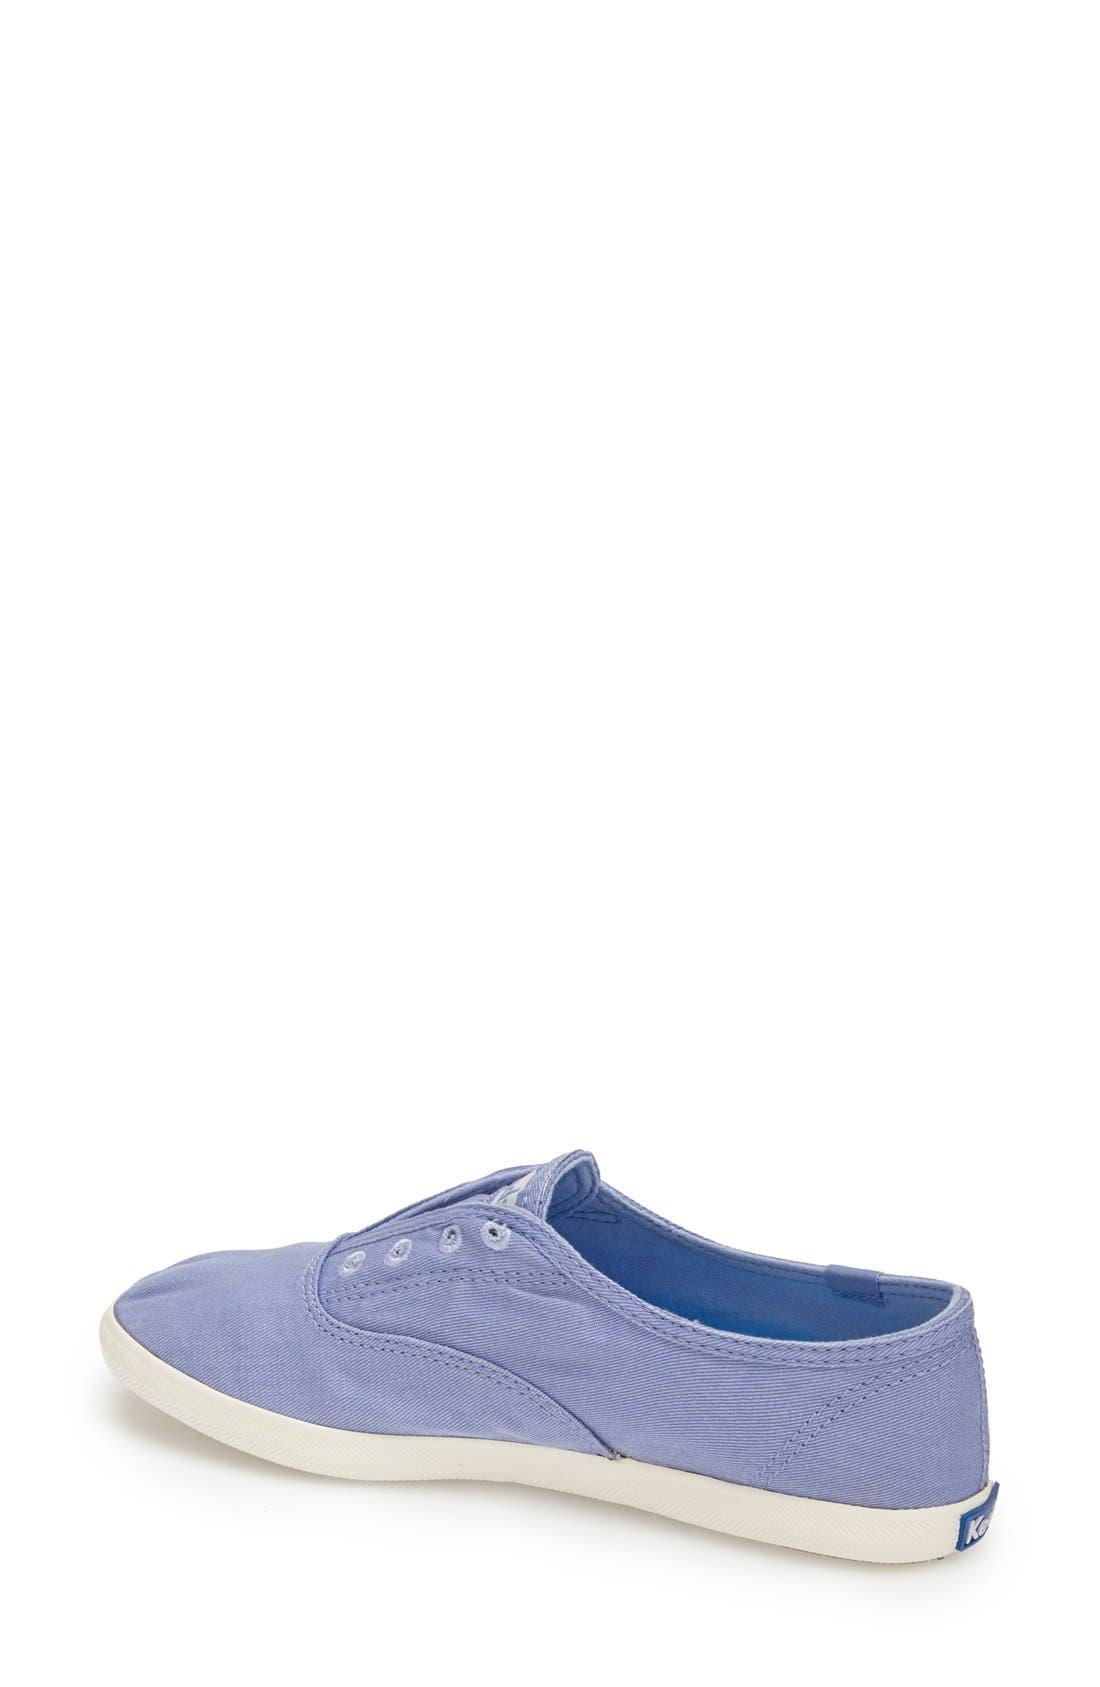 Alternate Image 2  - Keds® 'Chillax' Ripstop Slip-On Sneaker (Women)